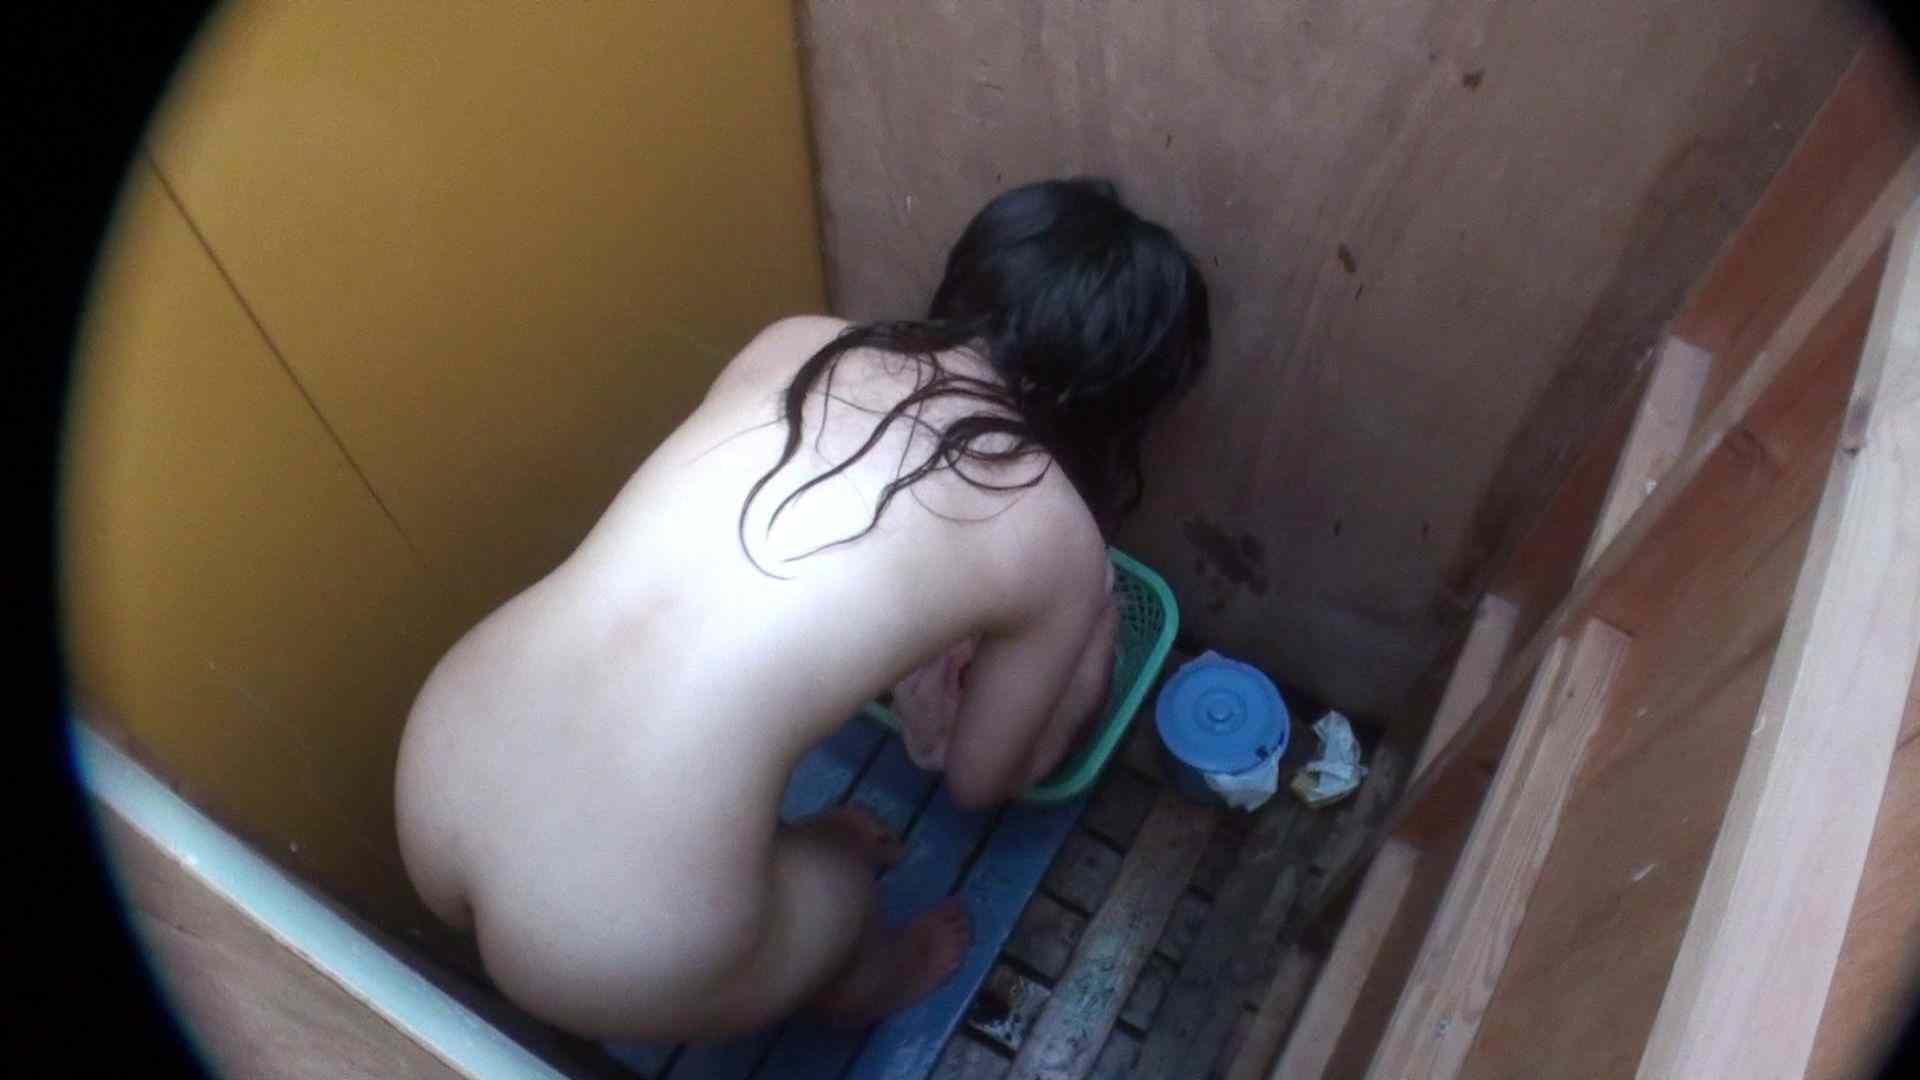 シャワールームは超!!危険な香りVol.13 ムッチムチのいやらしい身体つき シャワー 盗撮動画紹介 76pic 53